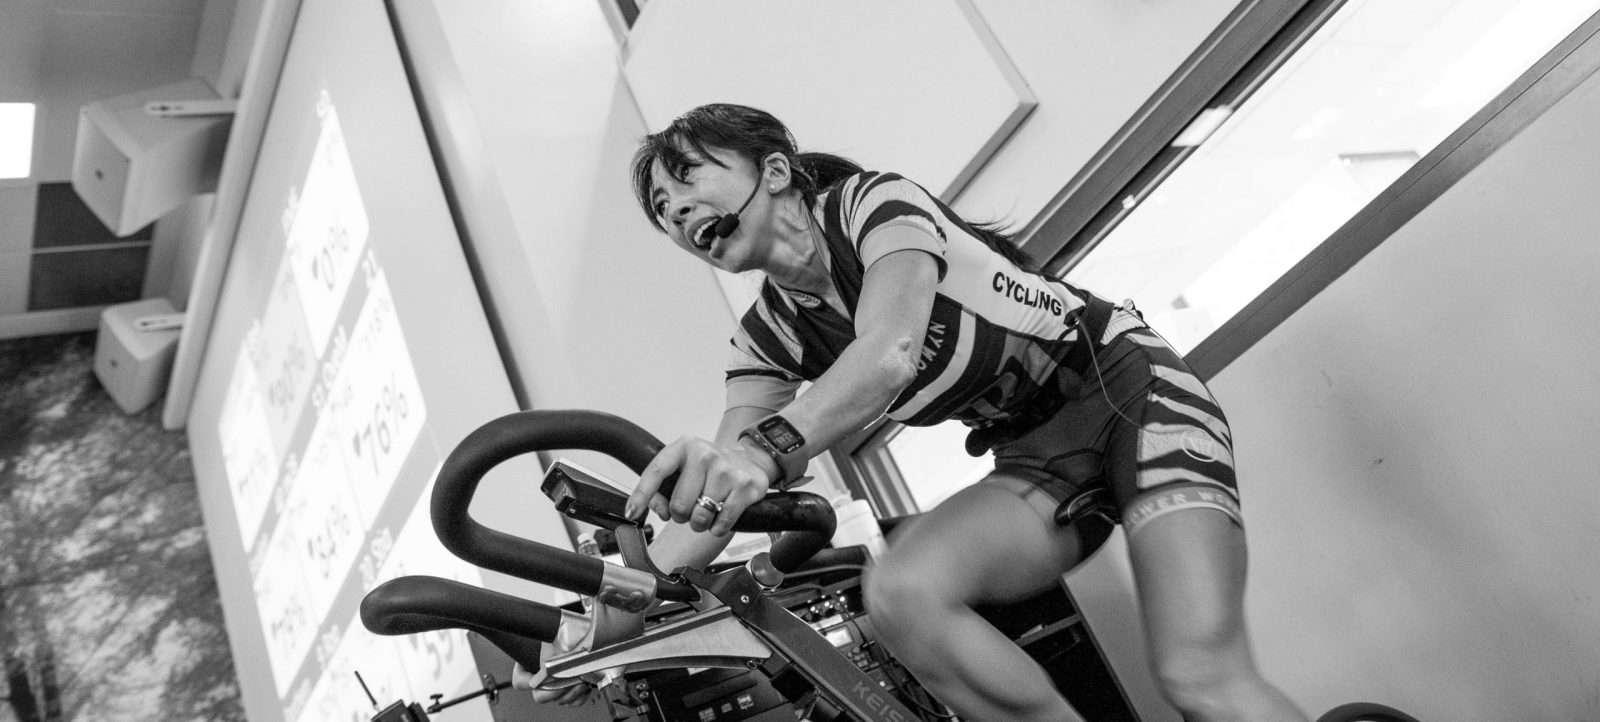 Female instructor on bike